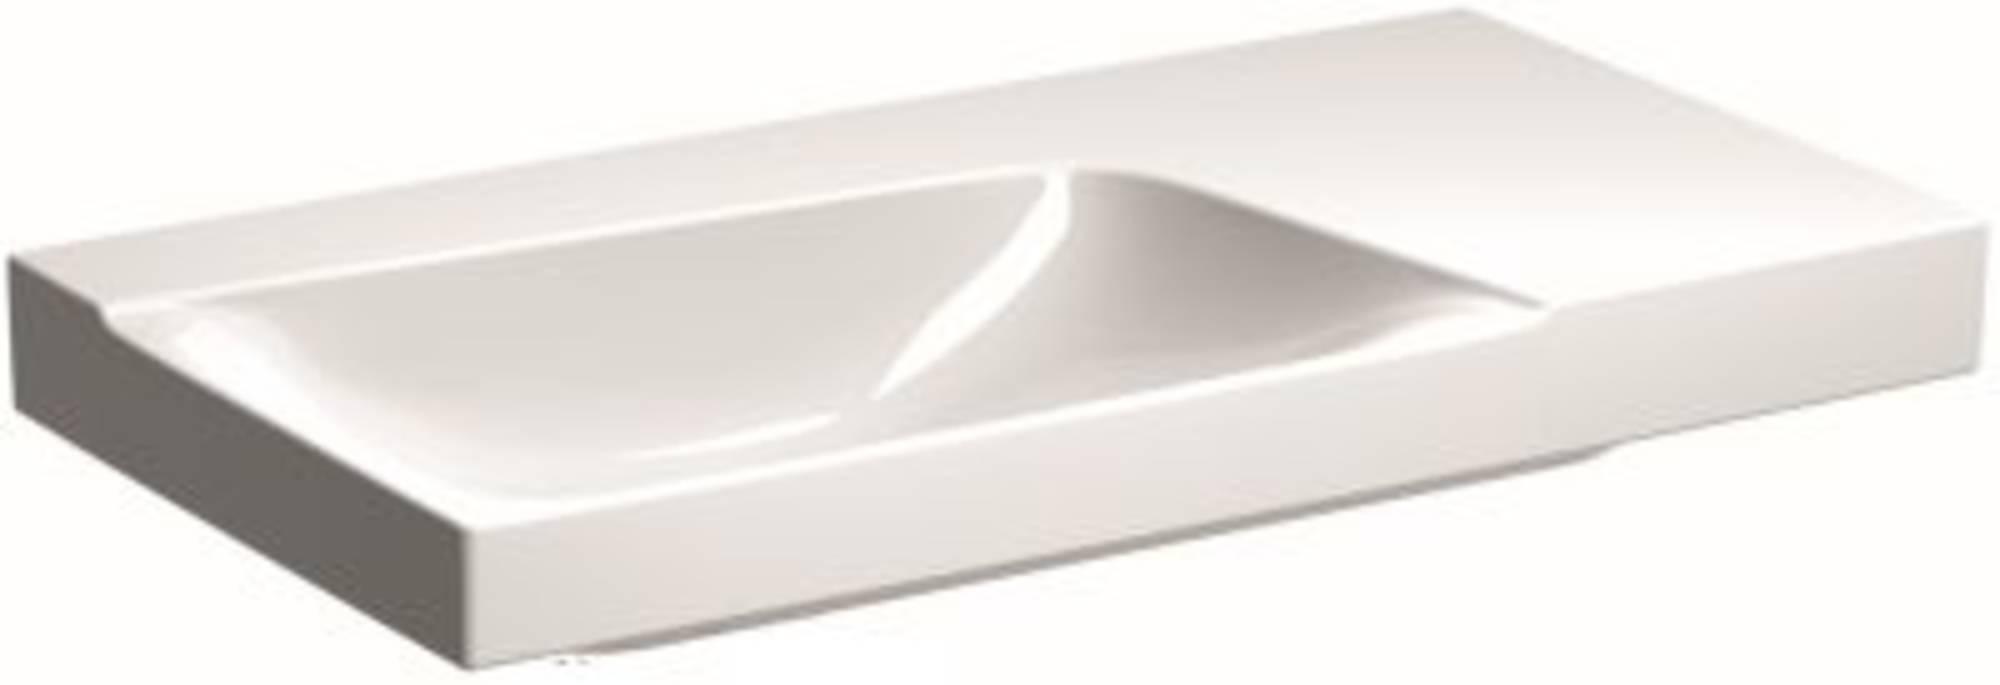 Sphinx Serie 420 new wastafel links 90x48 cm, afleg rechts zonder kraangat, wit